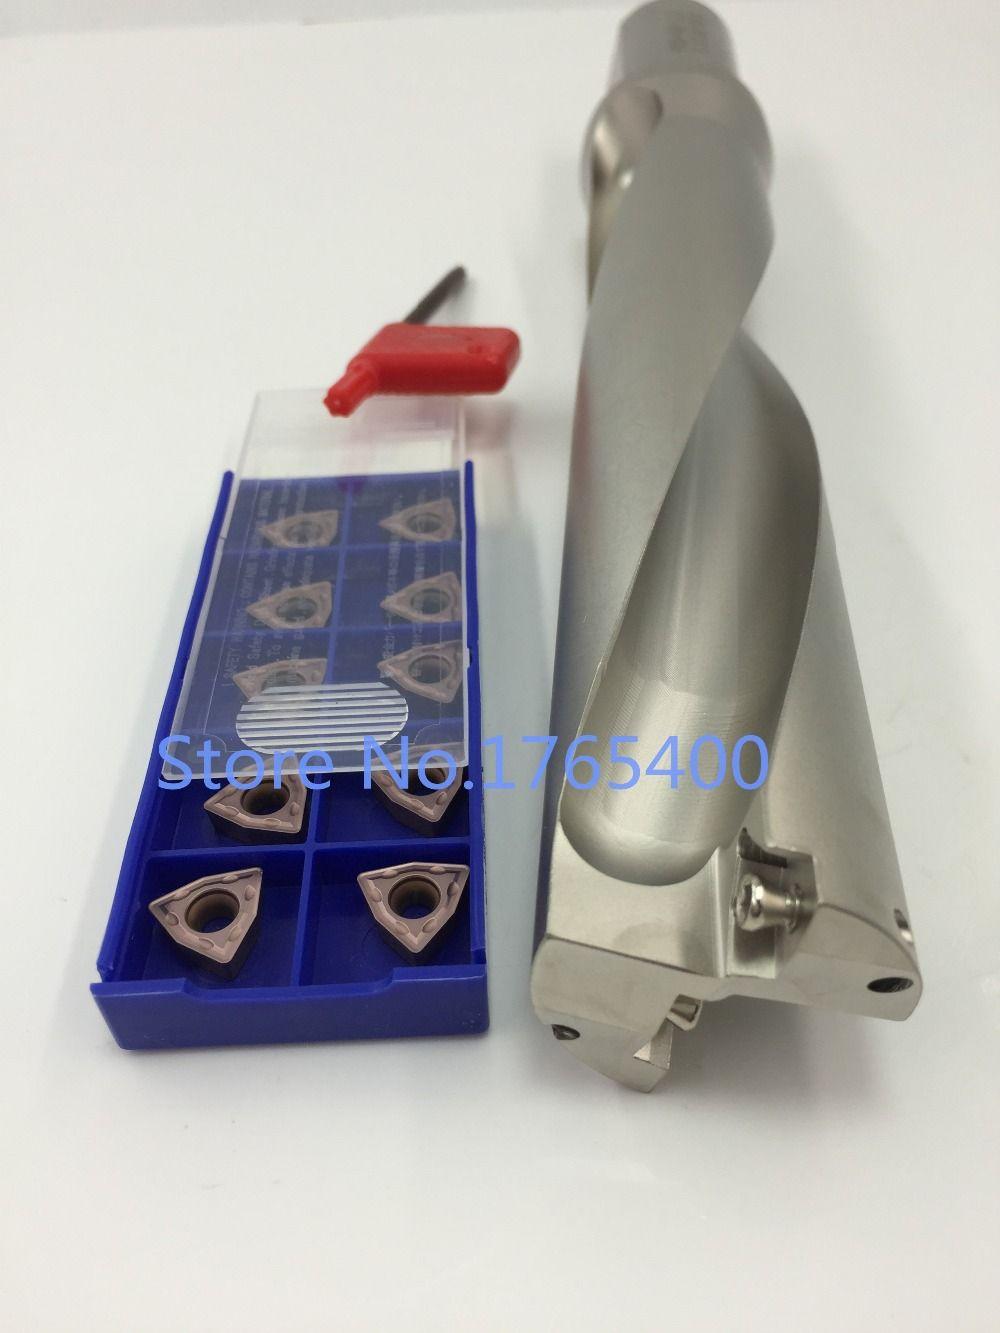 Neue 1 stücke WC SD16-3D-C25 U Bohrer + 10 stücke WCMX030208 ACZ330 hartmetall einsätze wende bohrer werkzeug